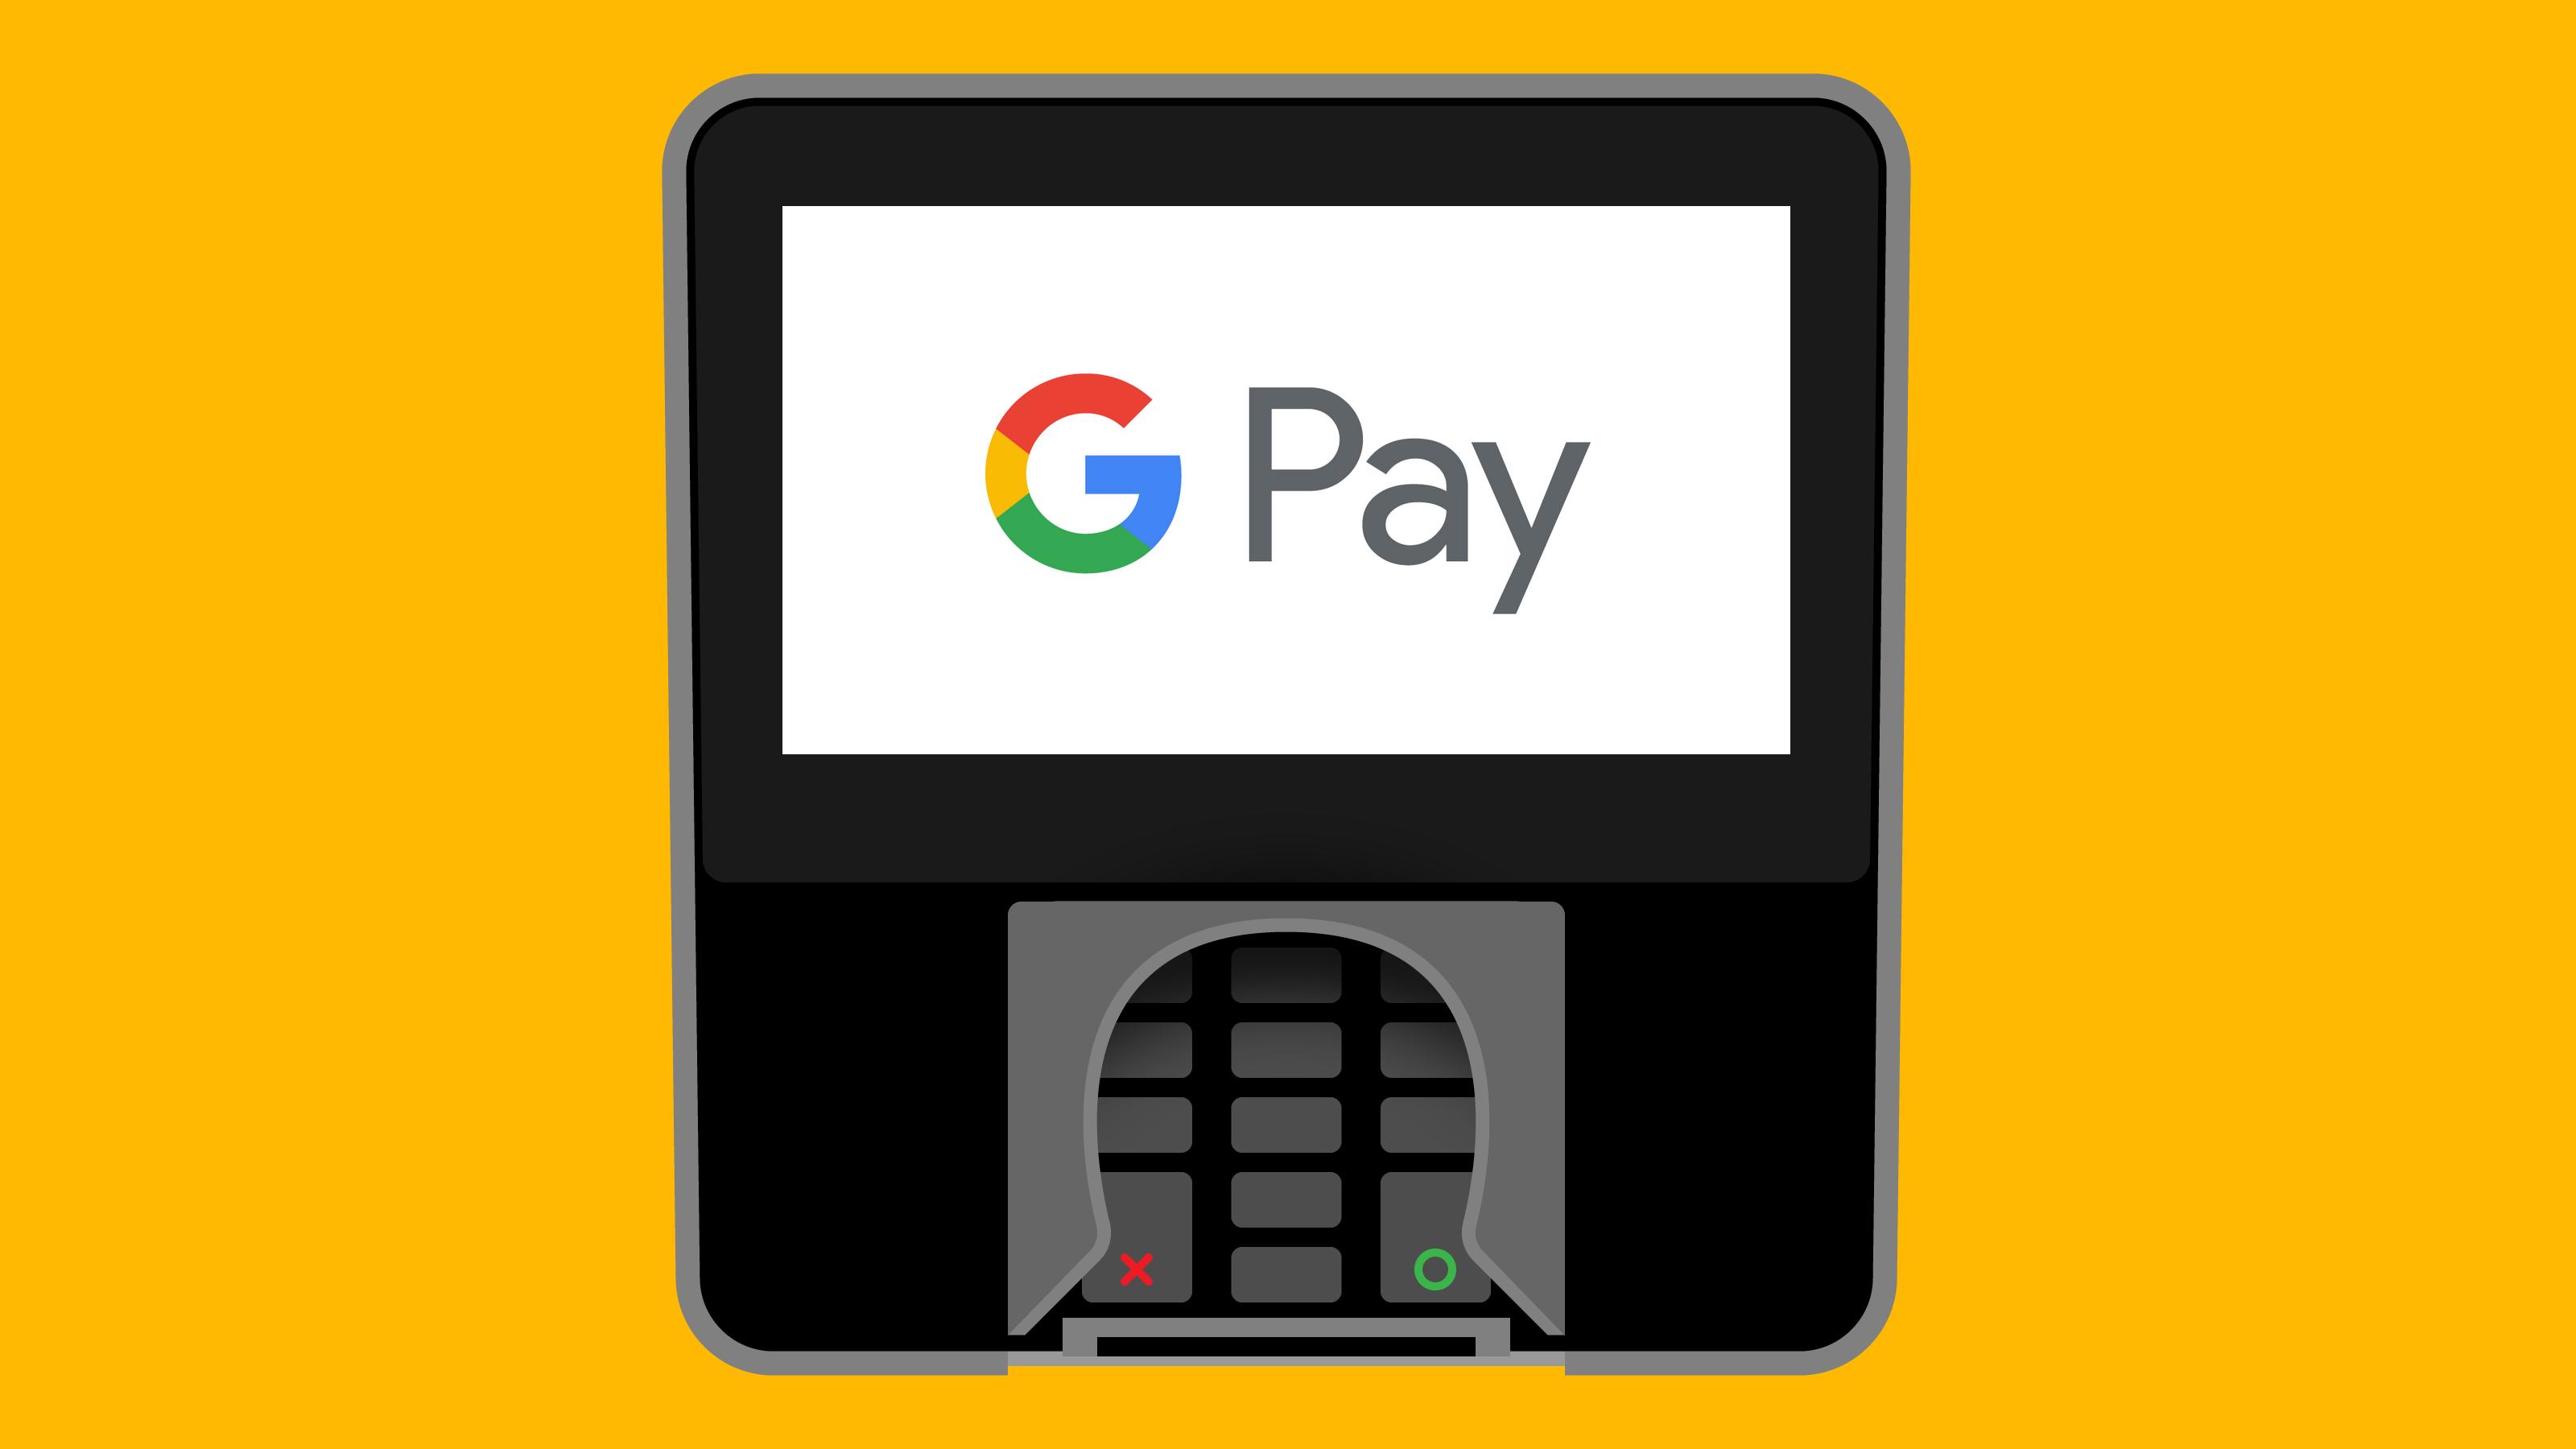 Яким буде Google Pay: що змінює команда Google і як зміни вплинуть на клієнтів